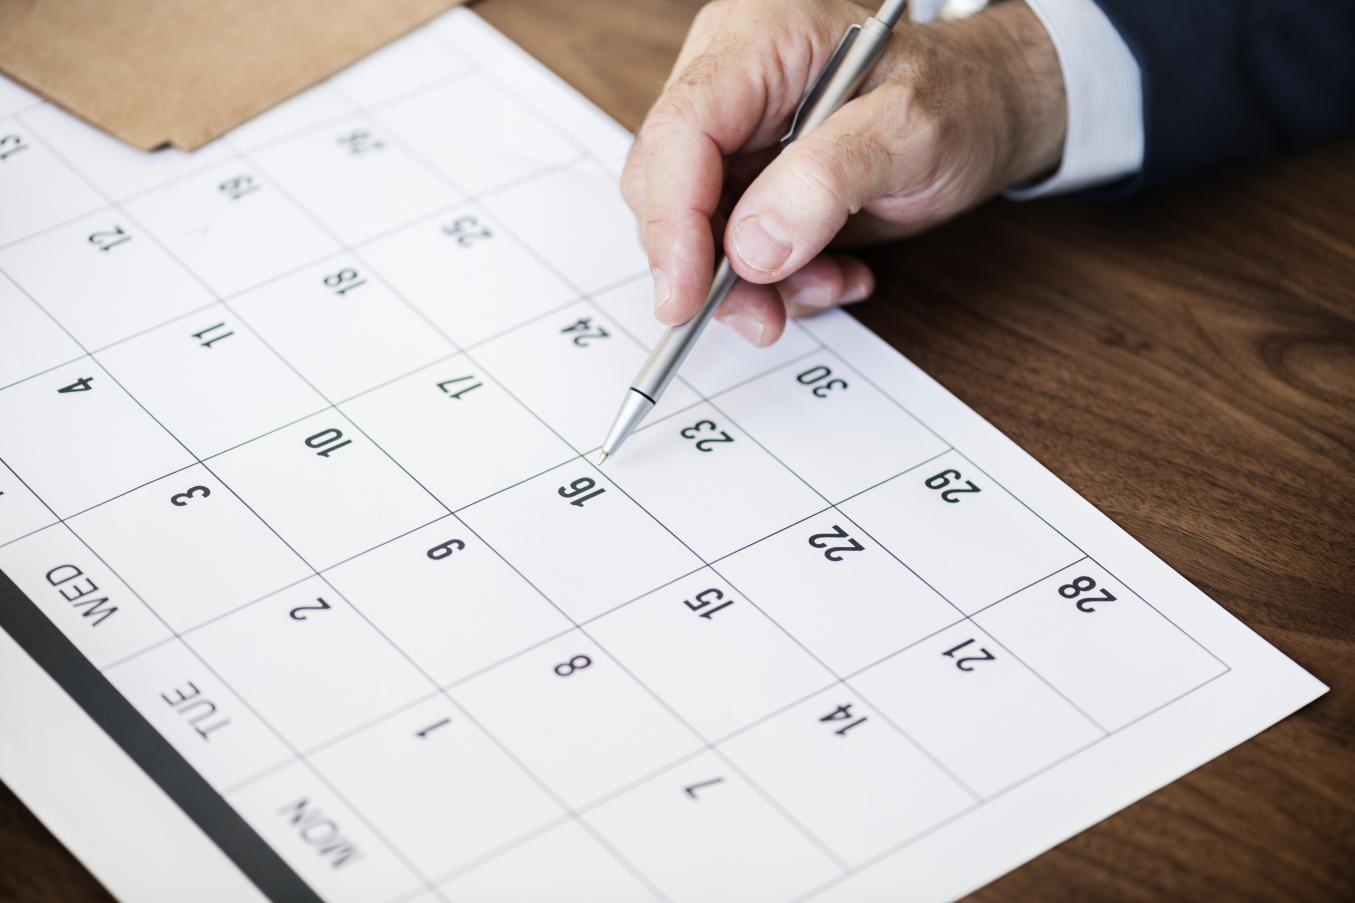 Henkilö tutkii pöydälle levitettyä kalenteria.